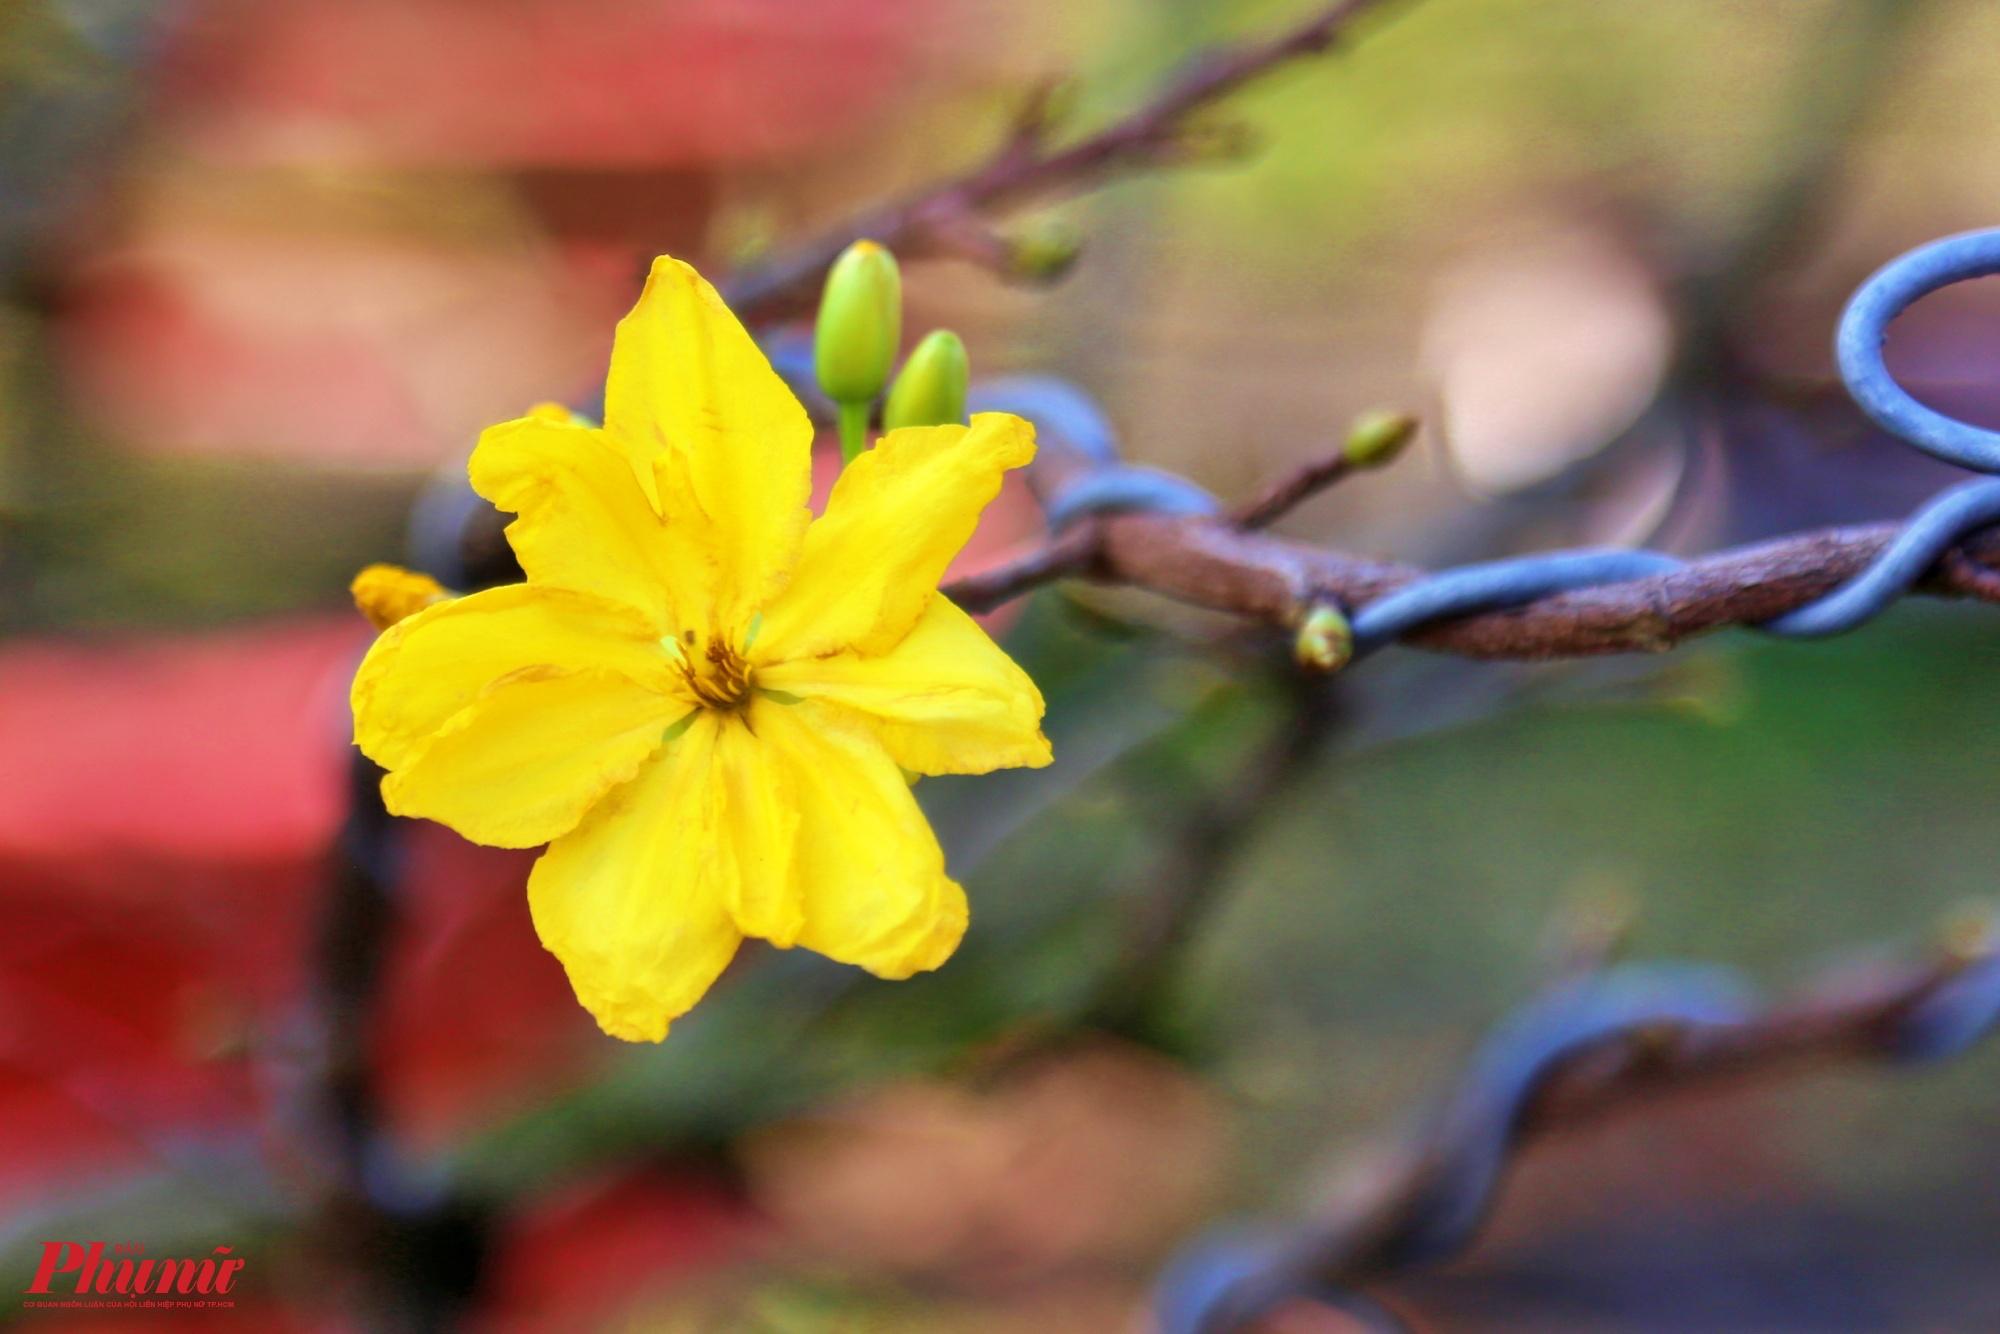 Mức giá thuê mai tuỳ theo cây, dao động từ 3 đến 30 triệu đồng/cây, mai nhà vườn thì giá rẻ hơn mai bán ngoài vì không tốn tiền mặt bằng, và có uy tín hơn. Giá cây tuỳ vào dáng cây, nụ hoa, thế, Nếu cây to thưa nhánh ít nụ thì giá sẽ thấp hơn, anh Việt cho biết thêm.